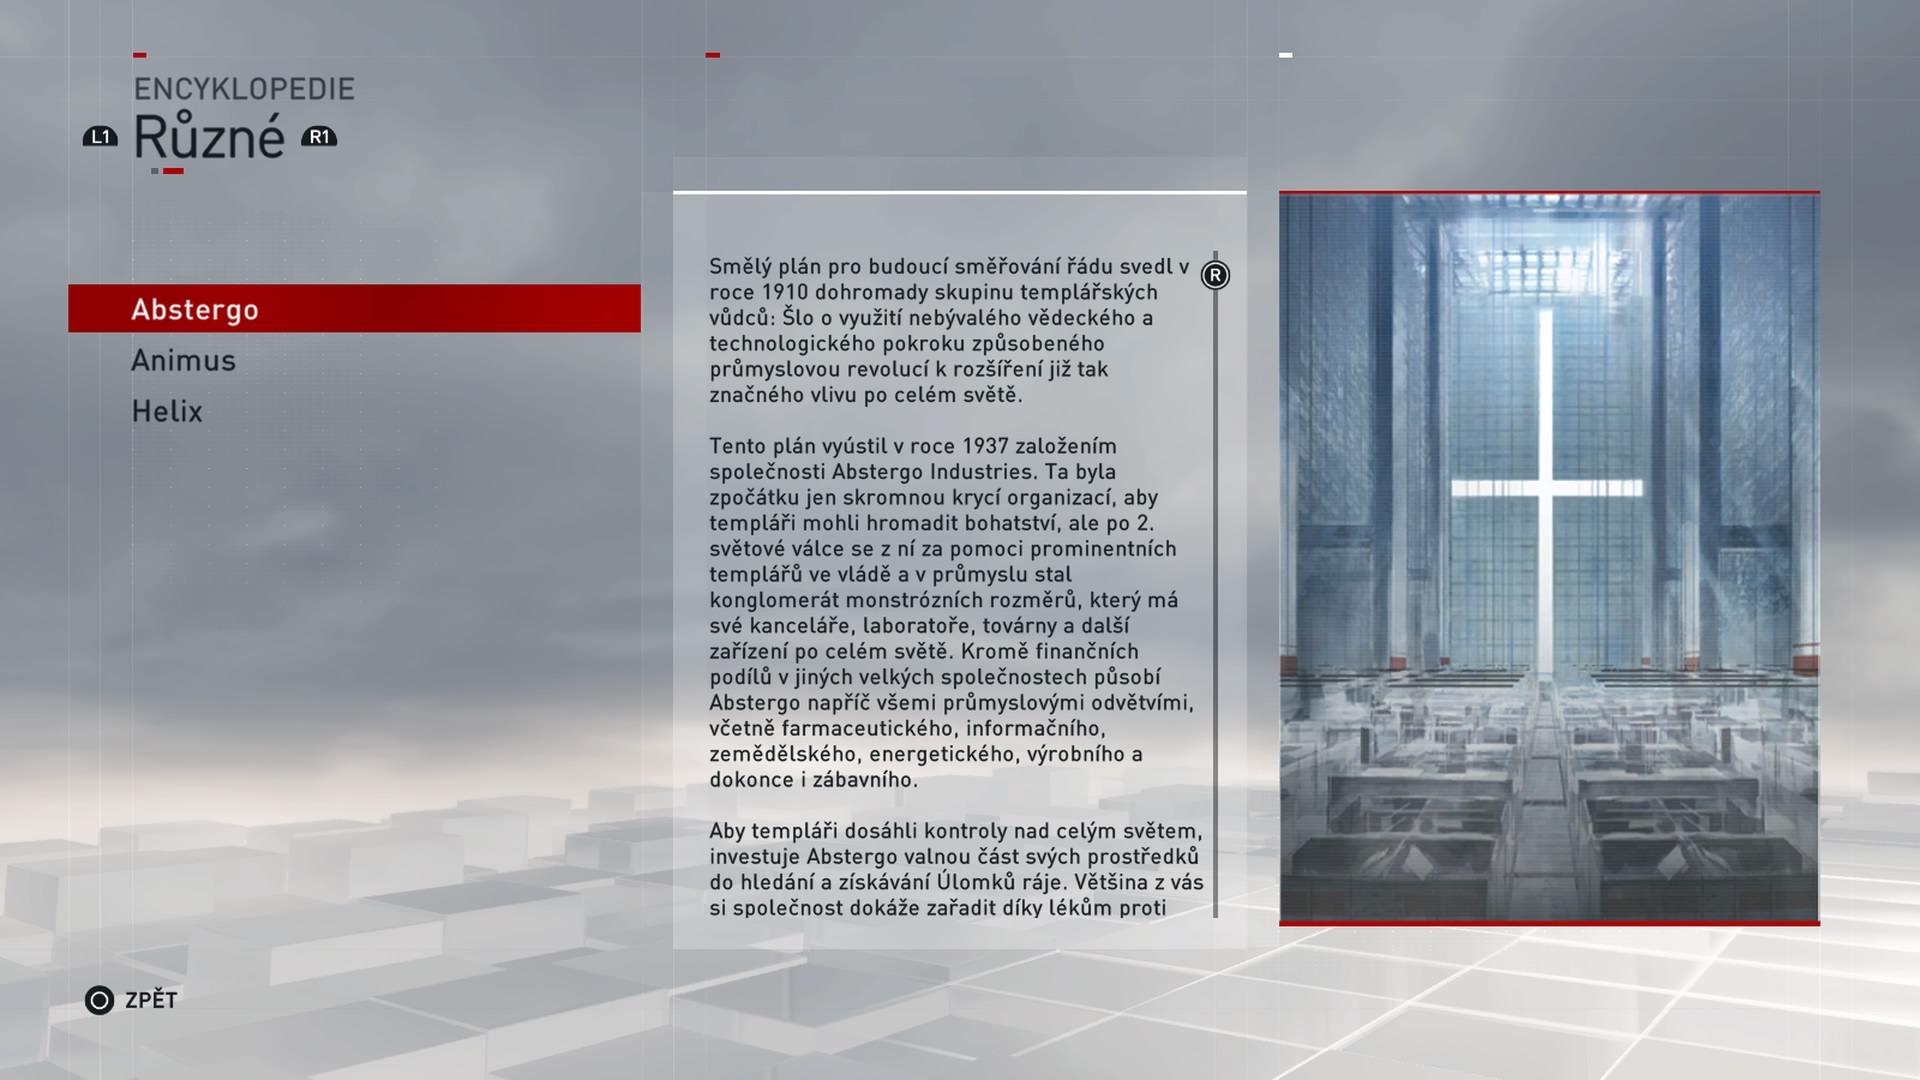 Čeština v Assassin's Creed: Syndicate je kompletní 115341